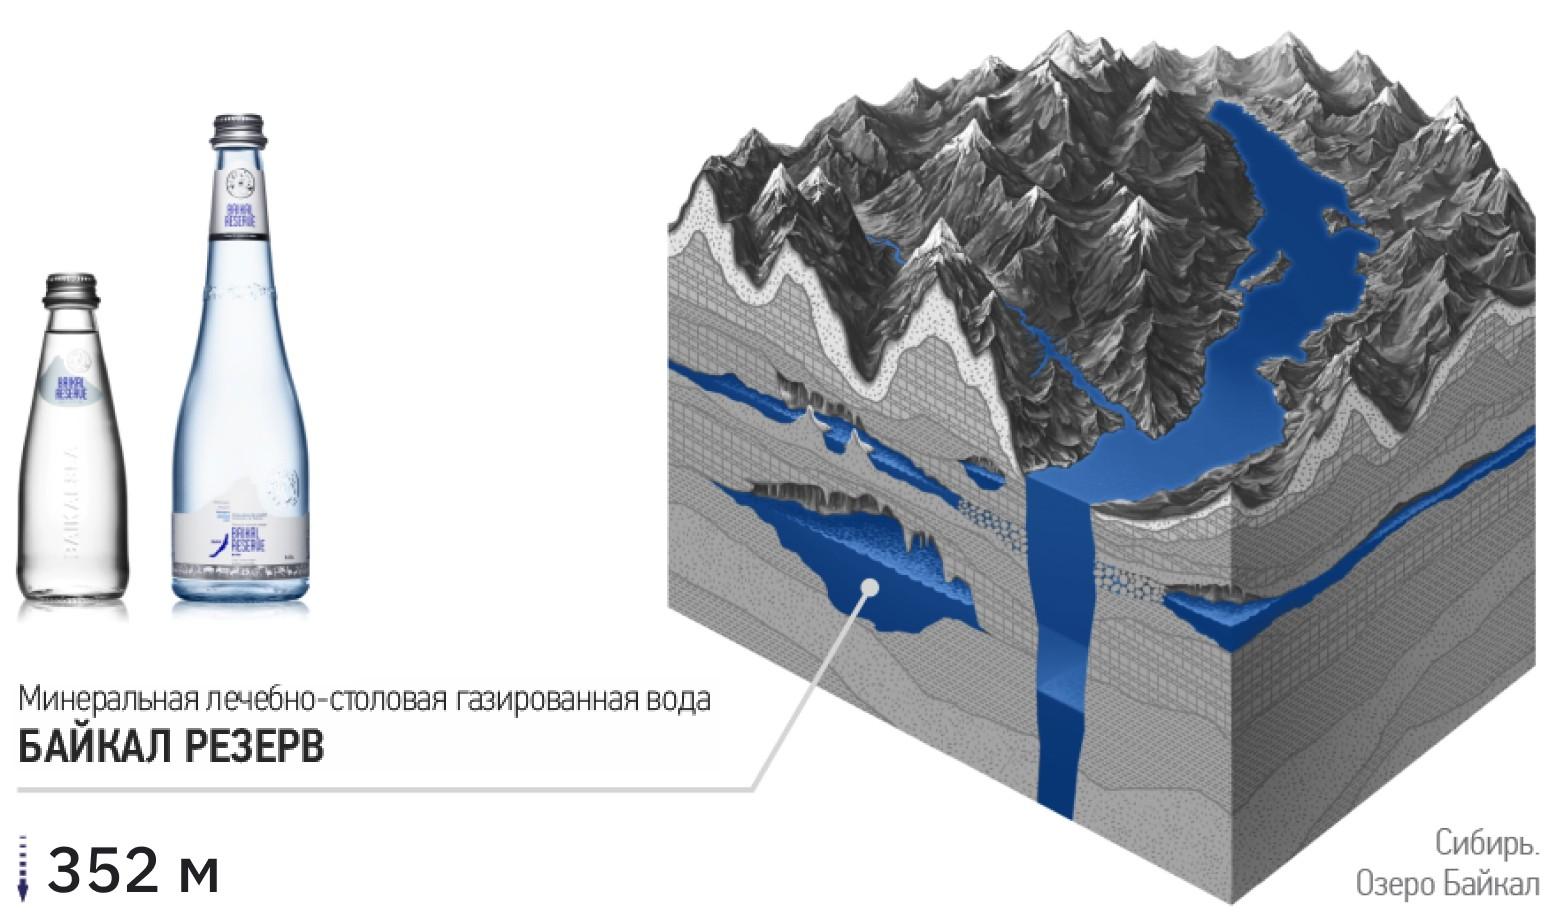 Добыча минеральной лечебно-столовой воды Байкал Резерв